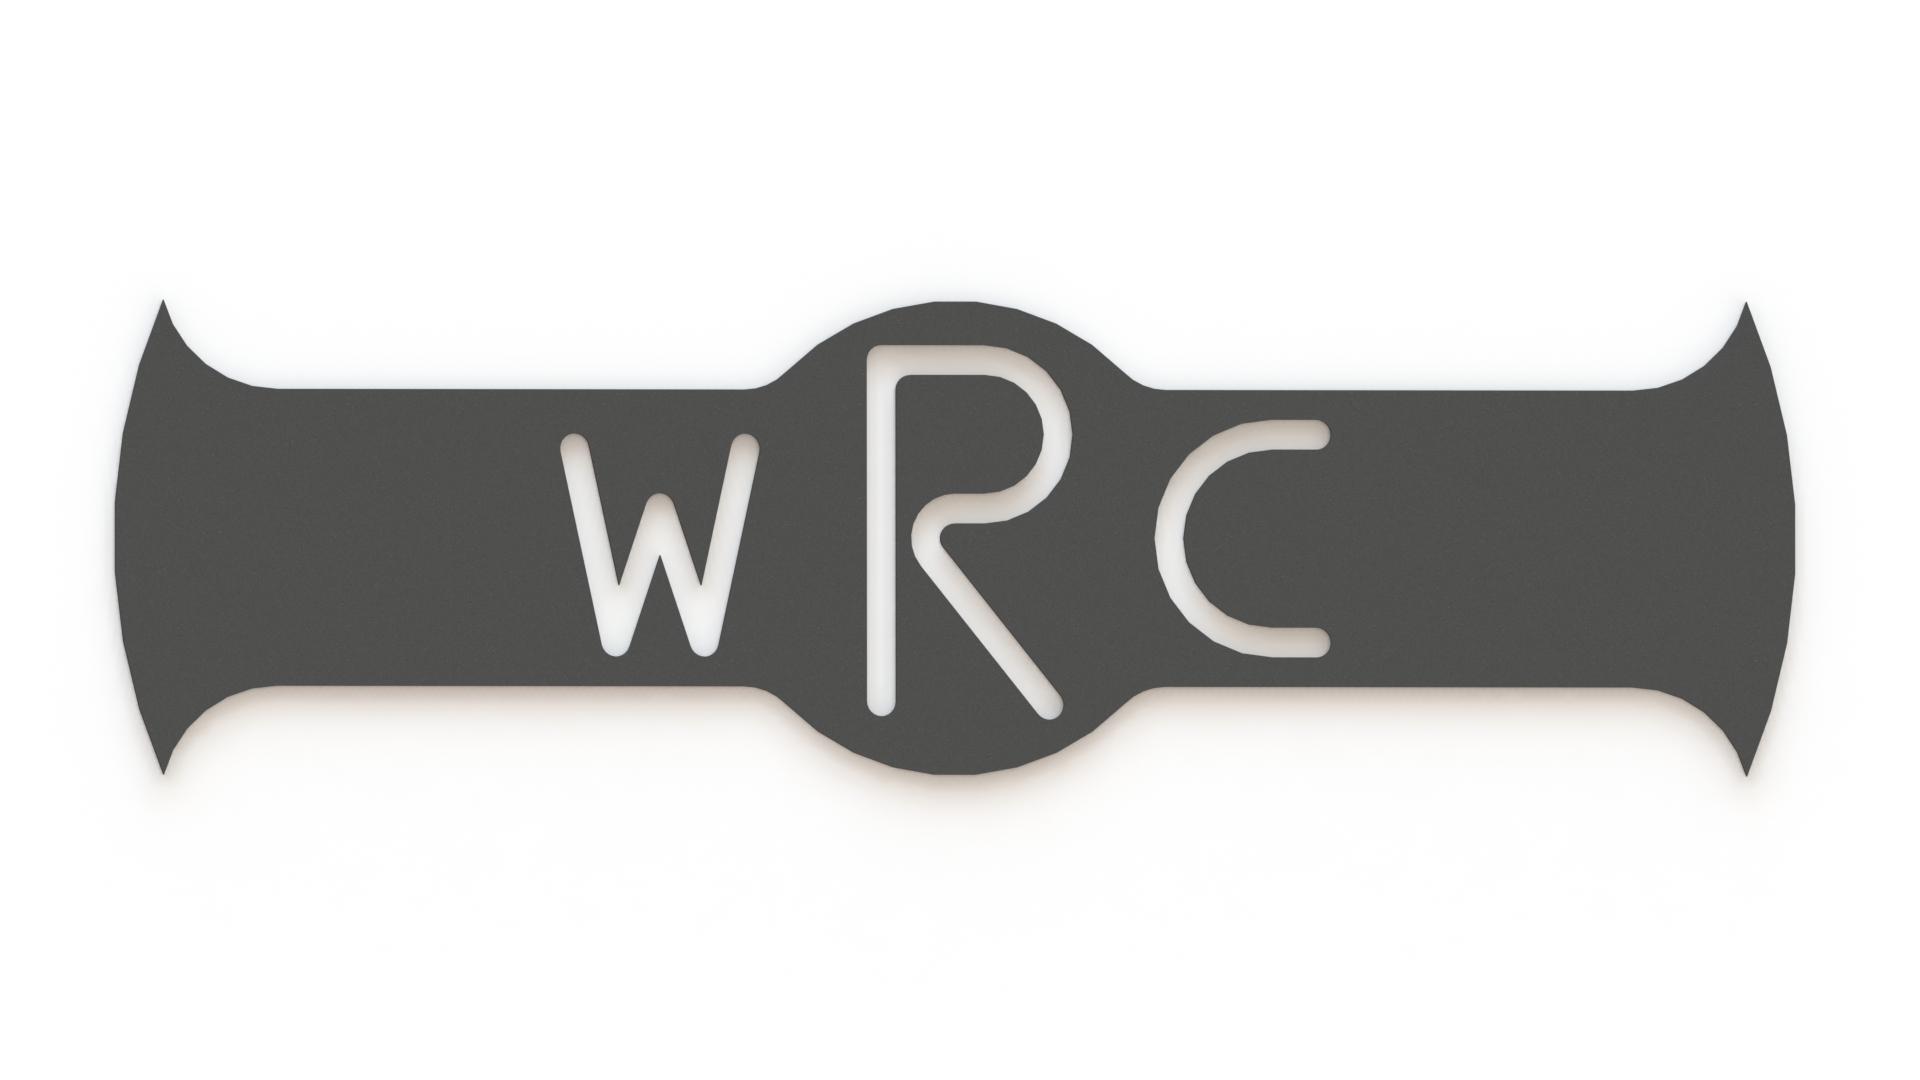 Wrclogo2